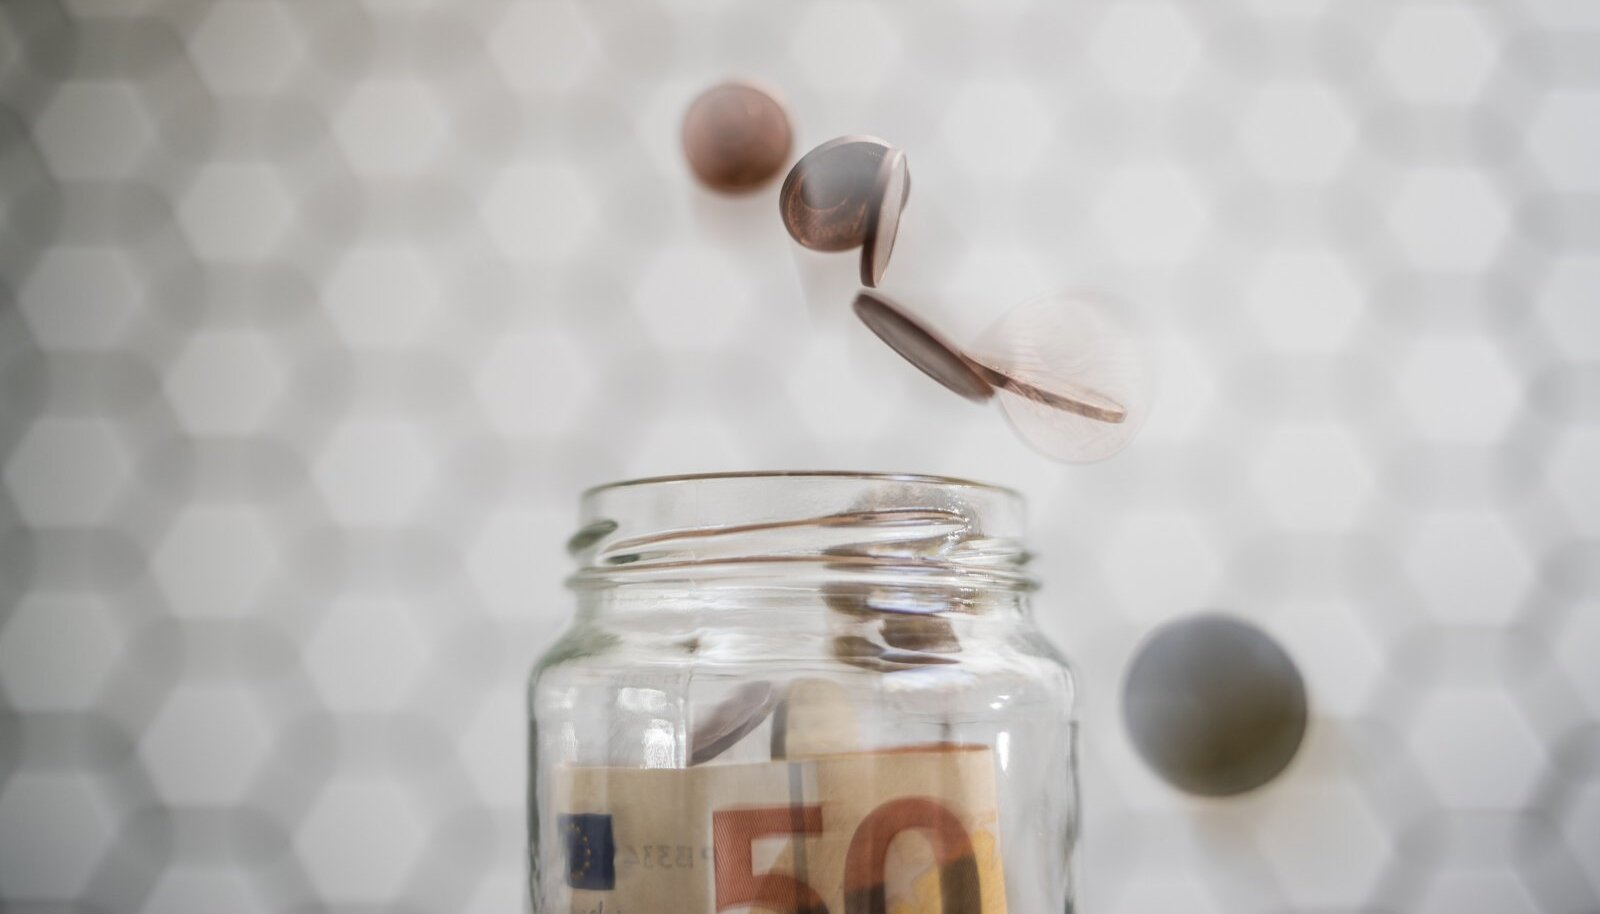 Raha säästmise asemel võib sooduskampaania ootamine tarbijale hoopis kallimaks maksma minna.